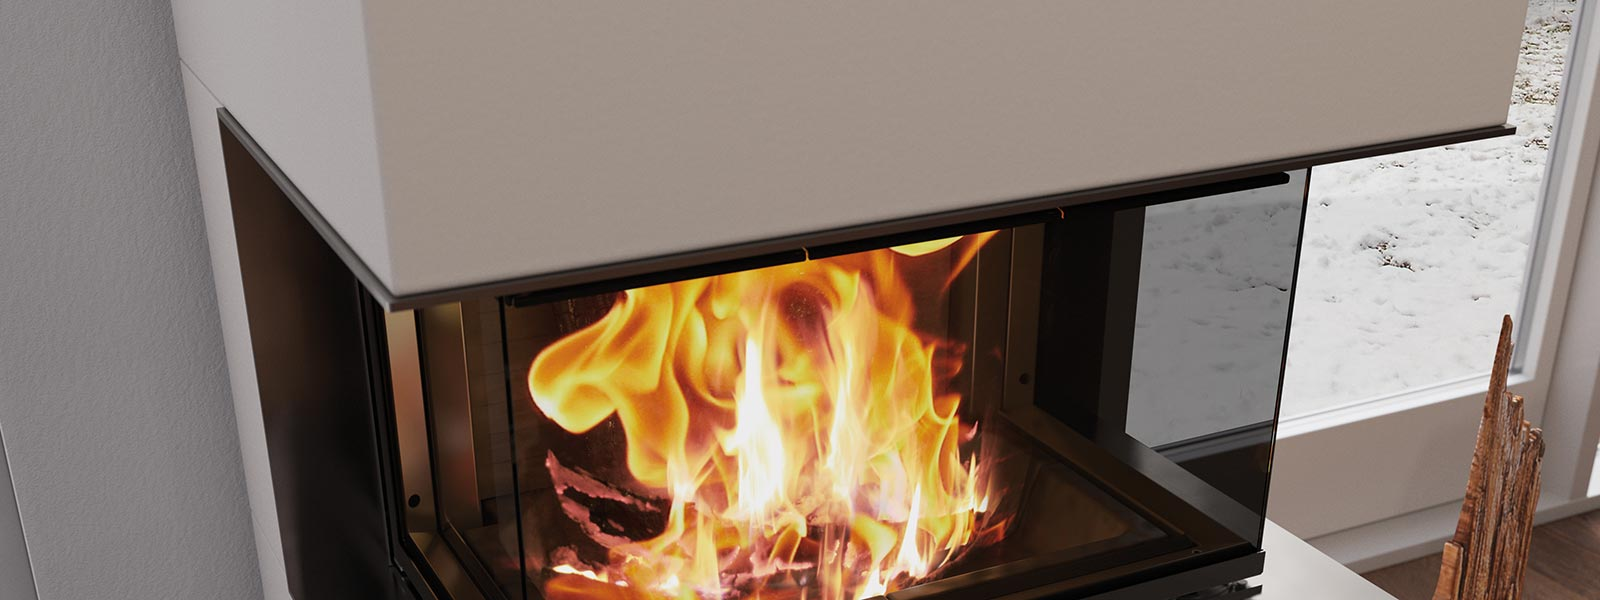 kamineinsatz visio 3 element feuergenuss pur. Black Bedroom Furniture Sets. Home Design Ideas